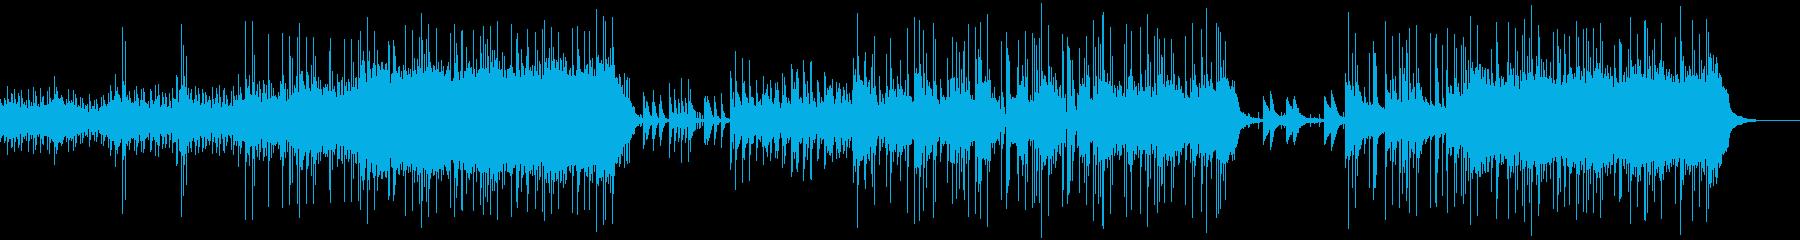 北野武「ソナチネ」っぽいシリアスな曲の再生済みの波形